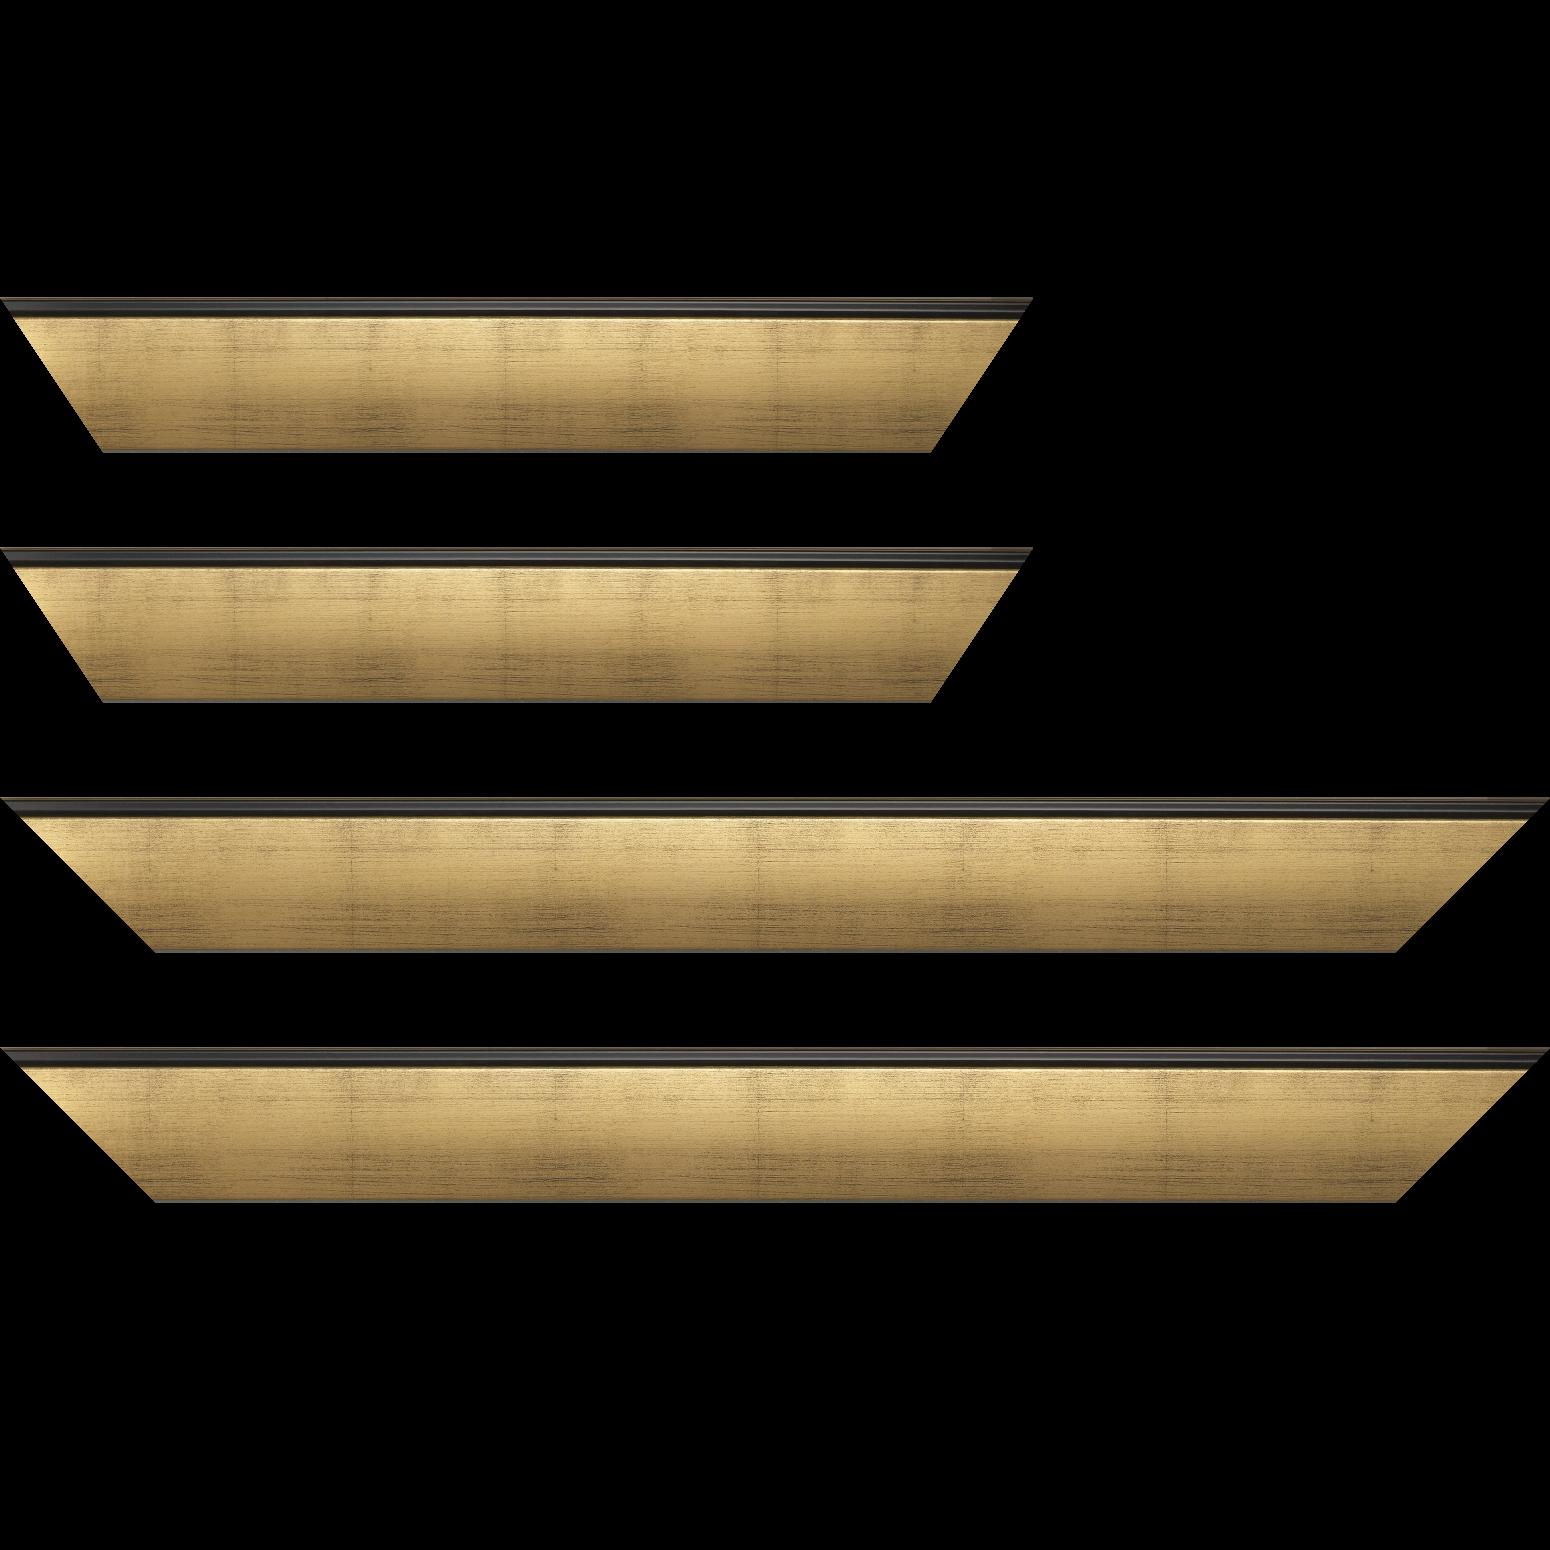 Baguette service précoupé Bois profil en pente méplat largeur 4.8cm or satiné surligné par une gorge extérieure noire : originalité et élégance assurée